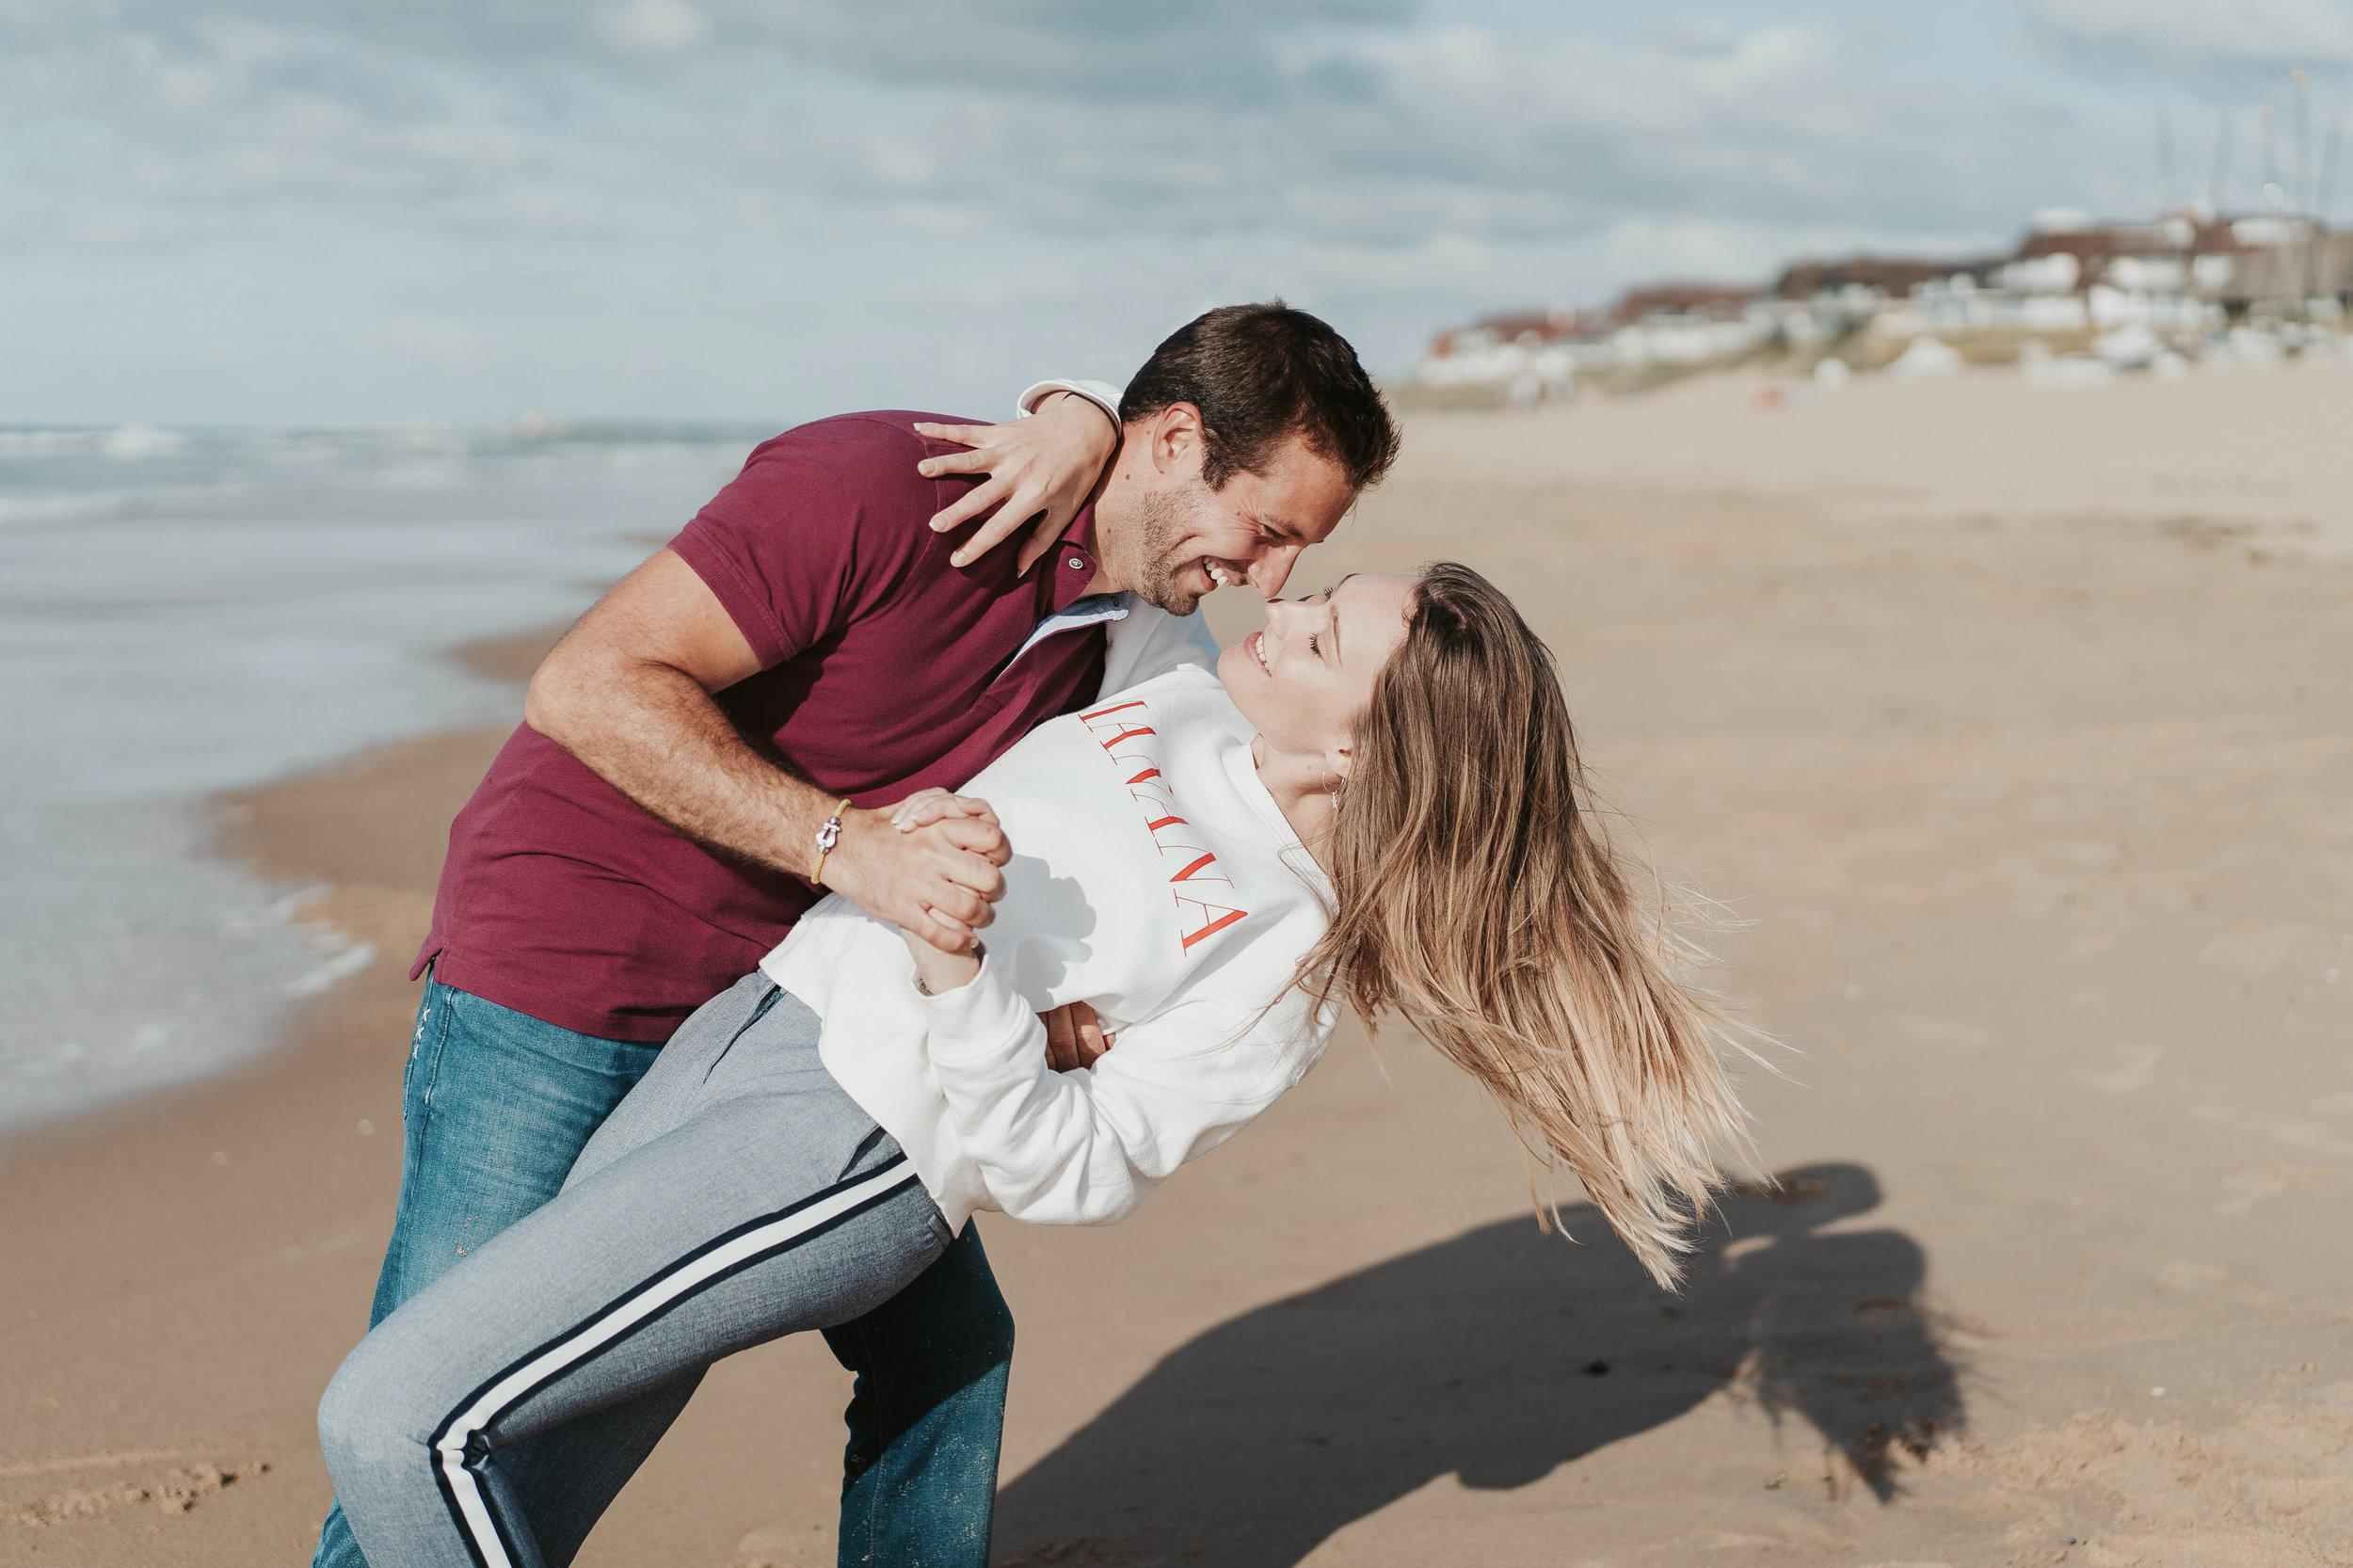 photographe_bruxelles_couple_mer_du_nord-19.jpg